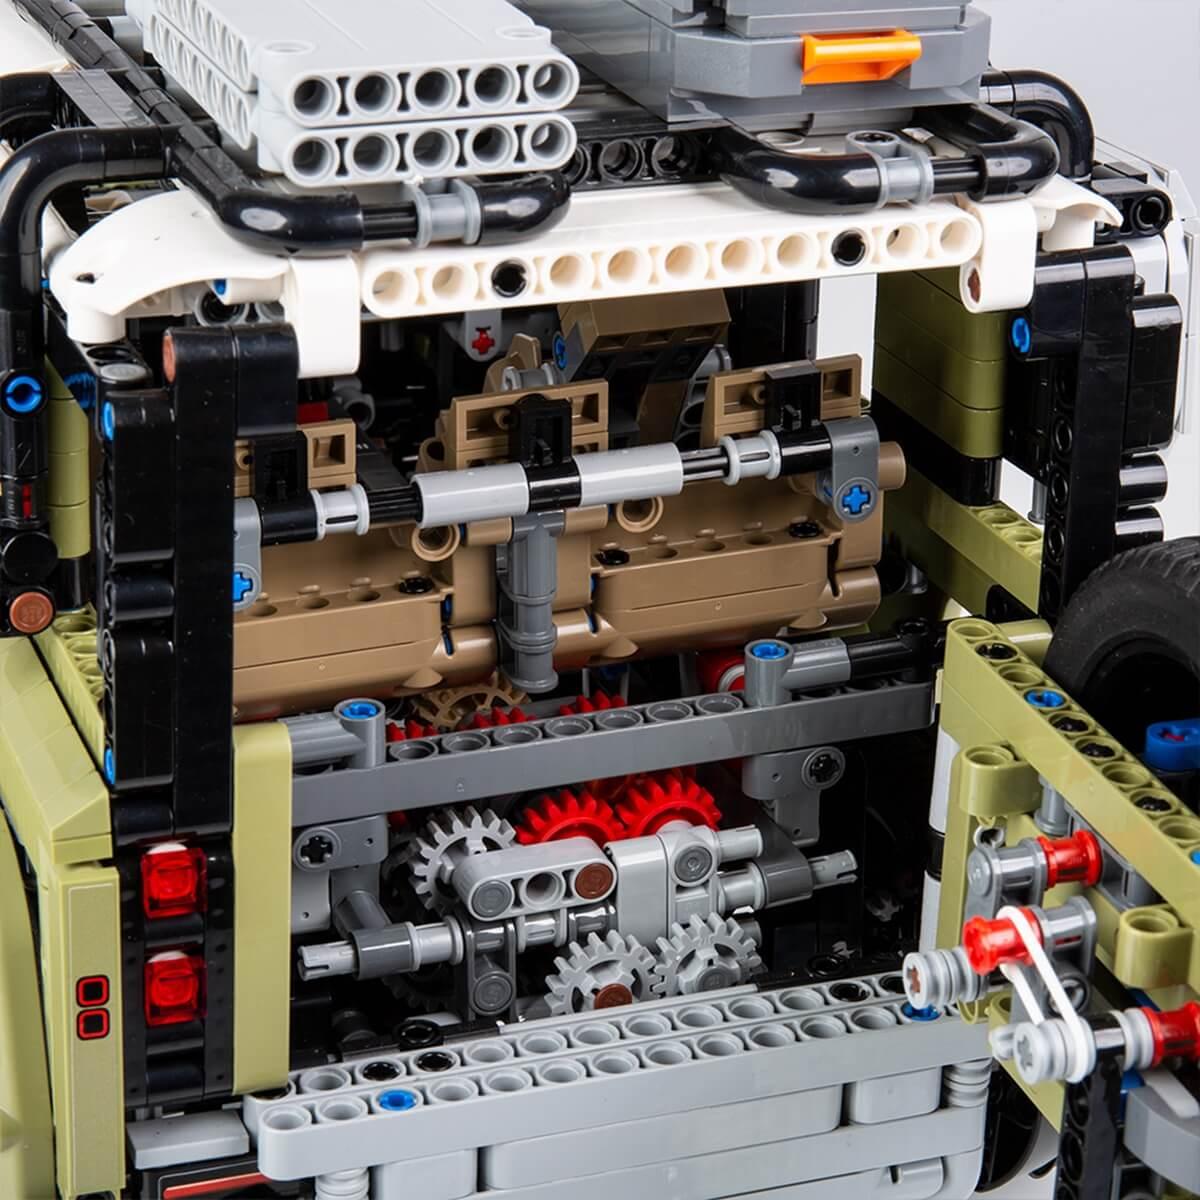 LR_DEF_20MY_LEGO_111019_Detail_2.jpg